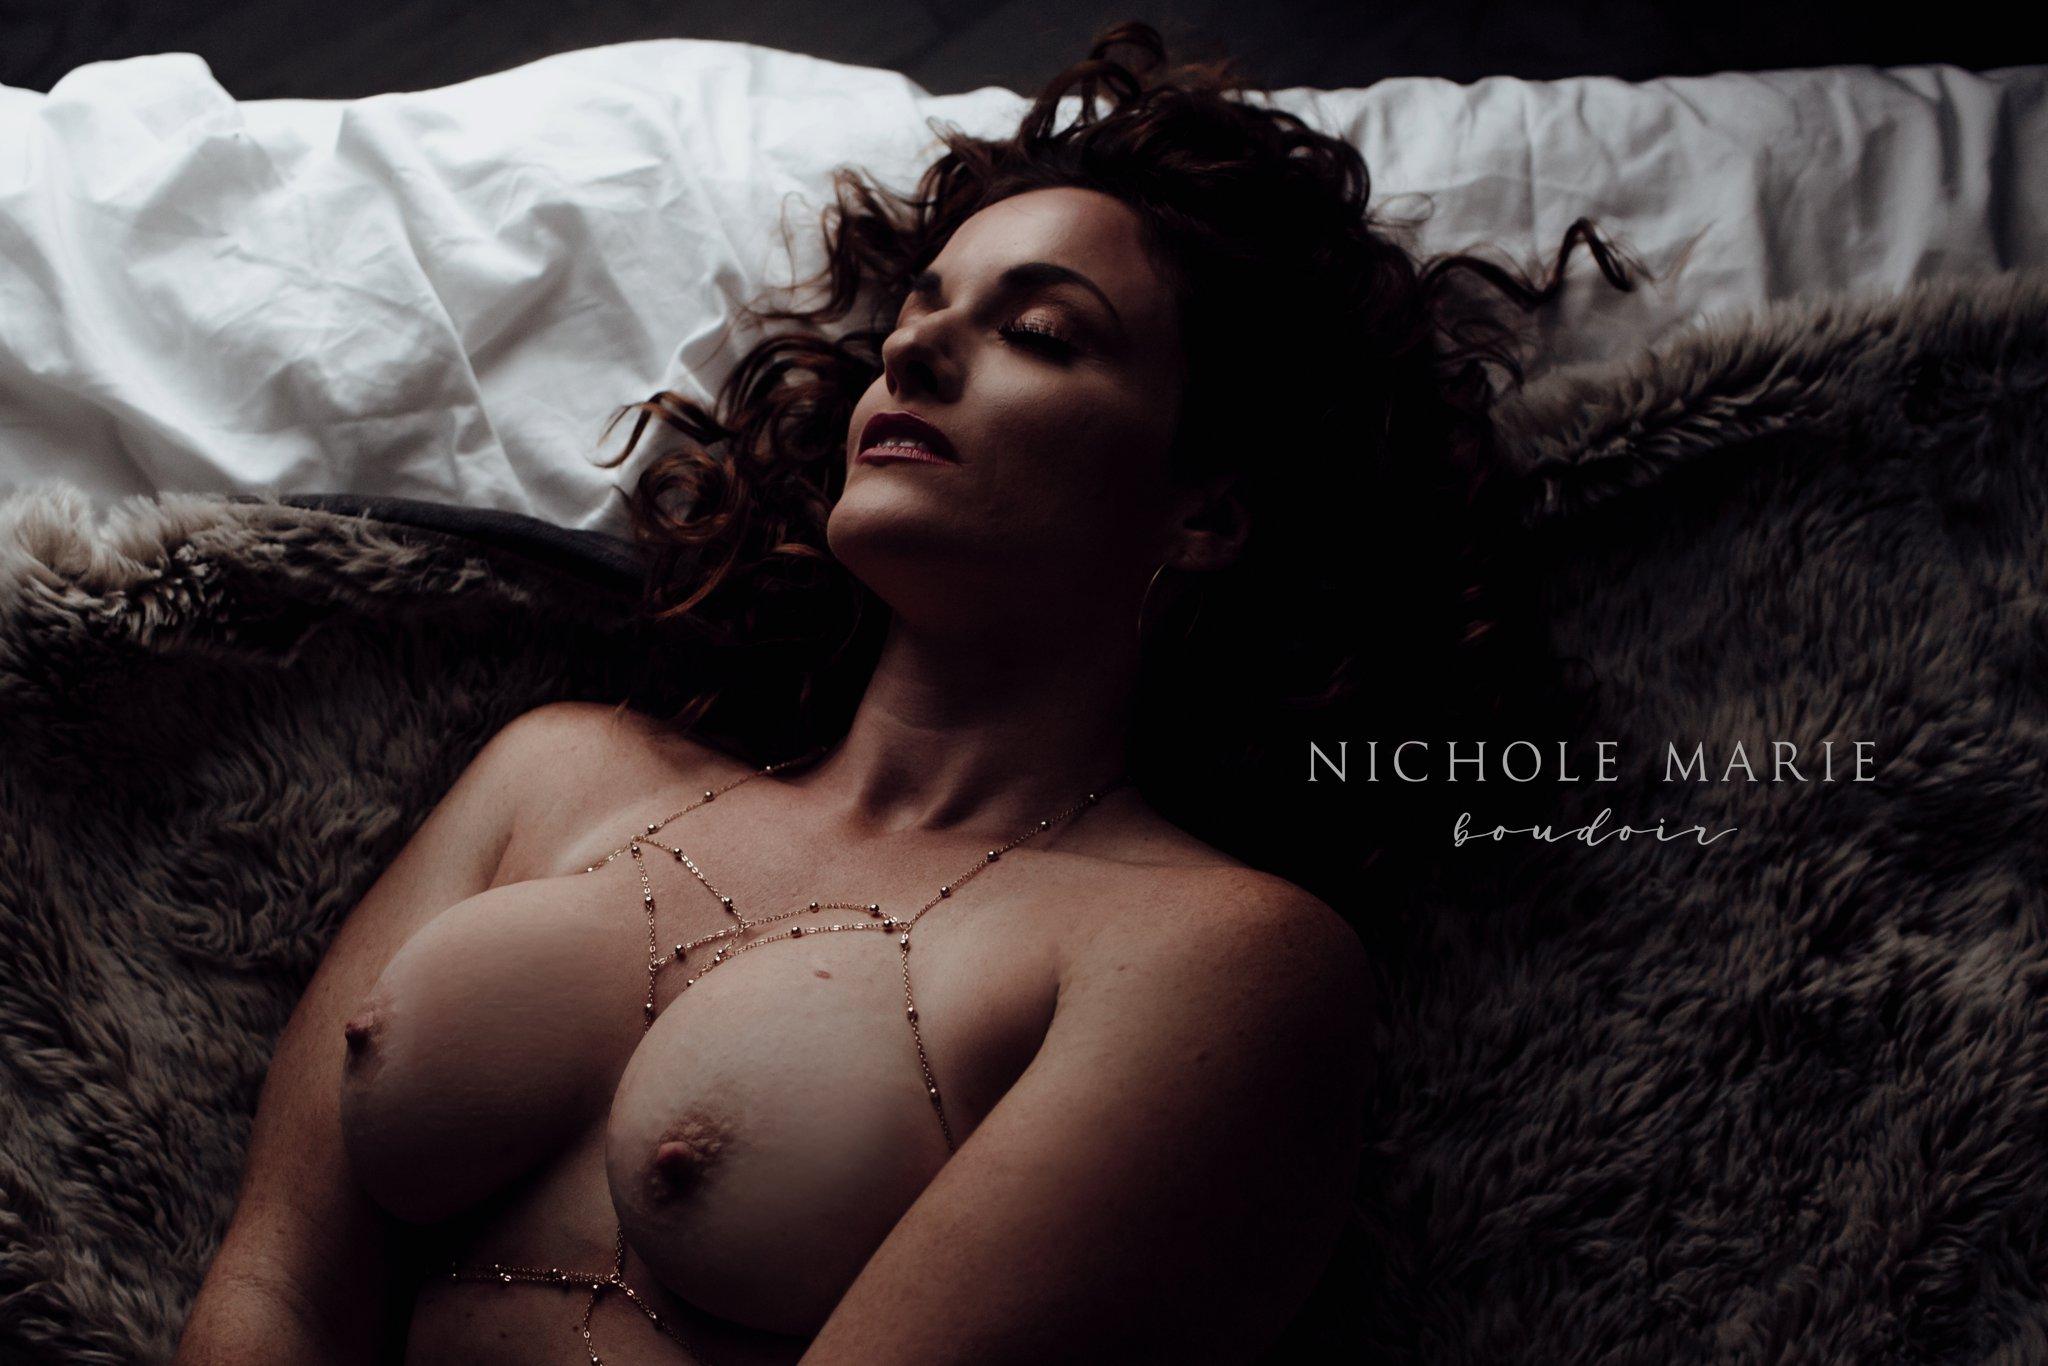 SEBASTIAN FLORIDA BOUDOIR PHOTOGRAPHER | NICHOLE MARIE BOUDOIR_0361.jpg